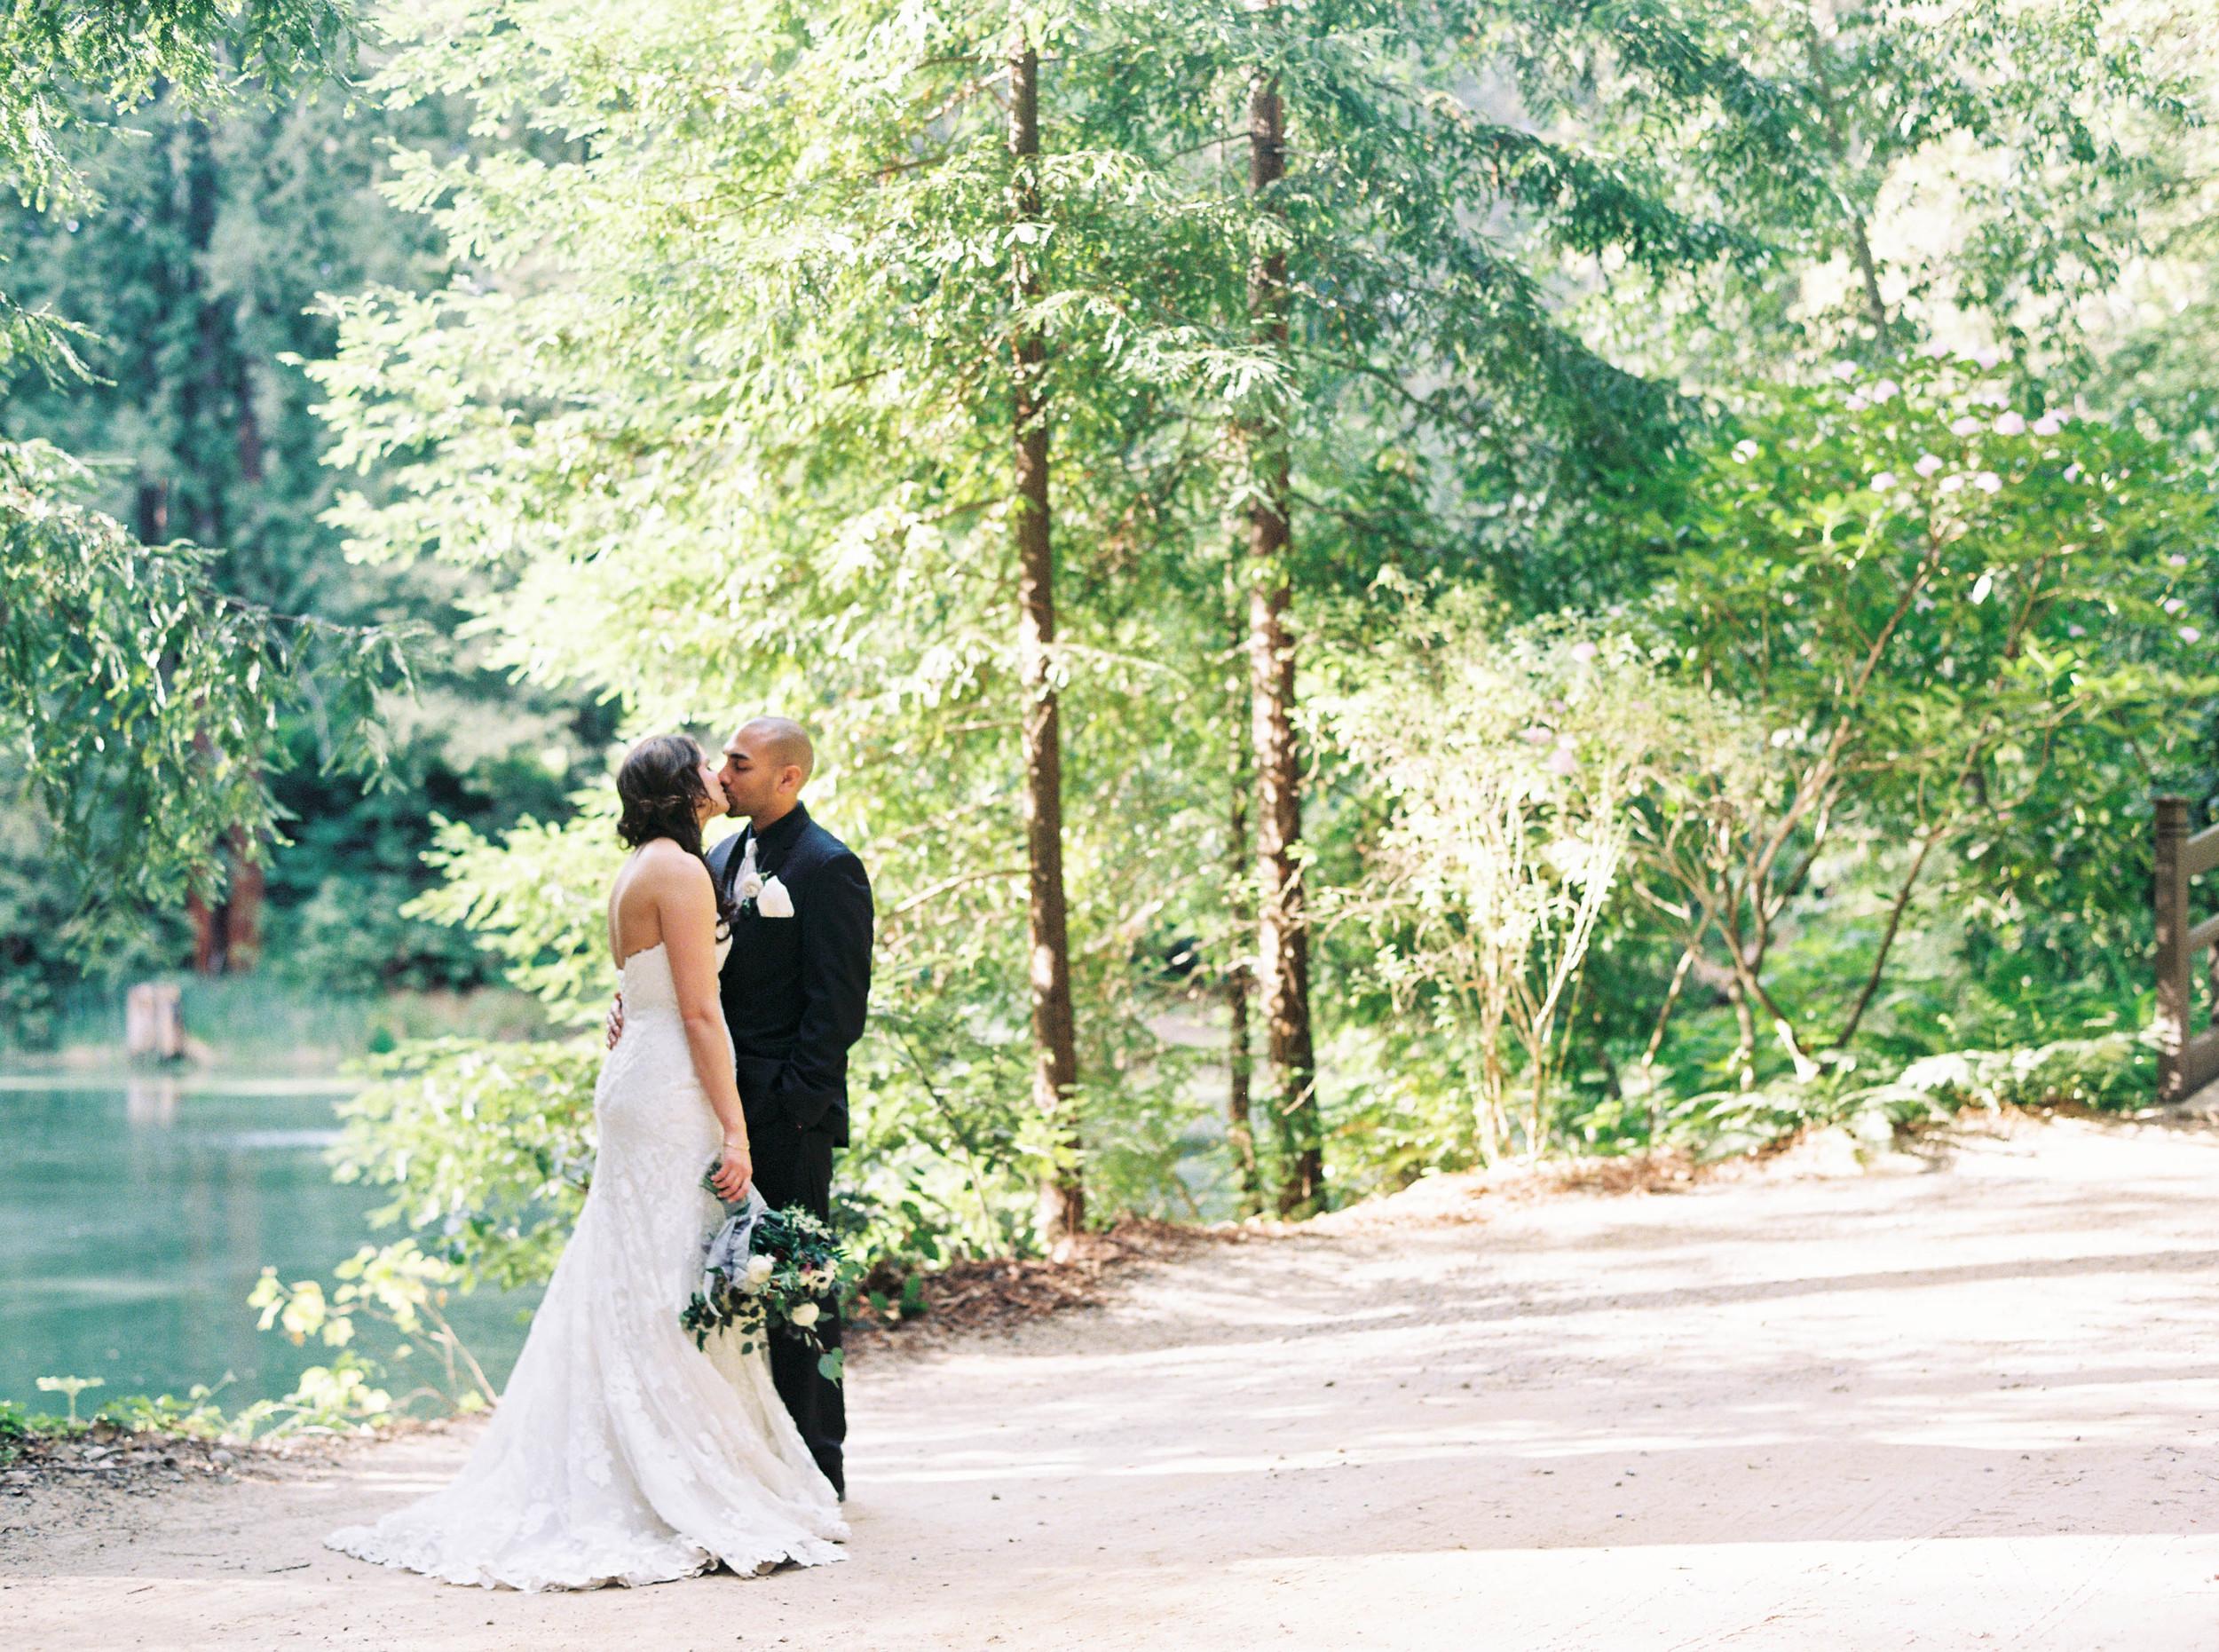 Meghan Mehan Photography - Alisa & Aaron_Nestldown Wedding - 180.jpg